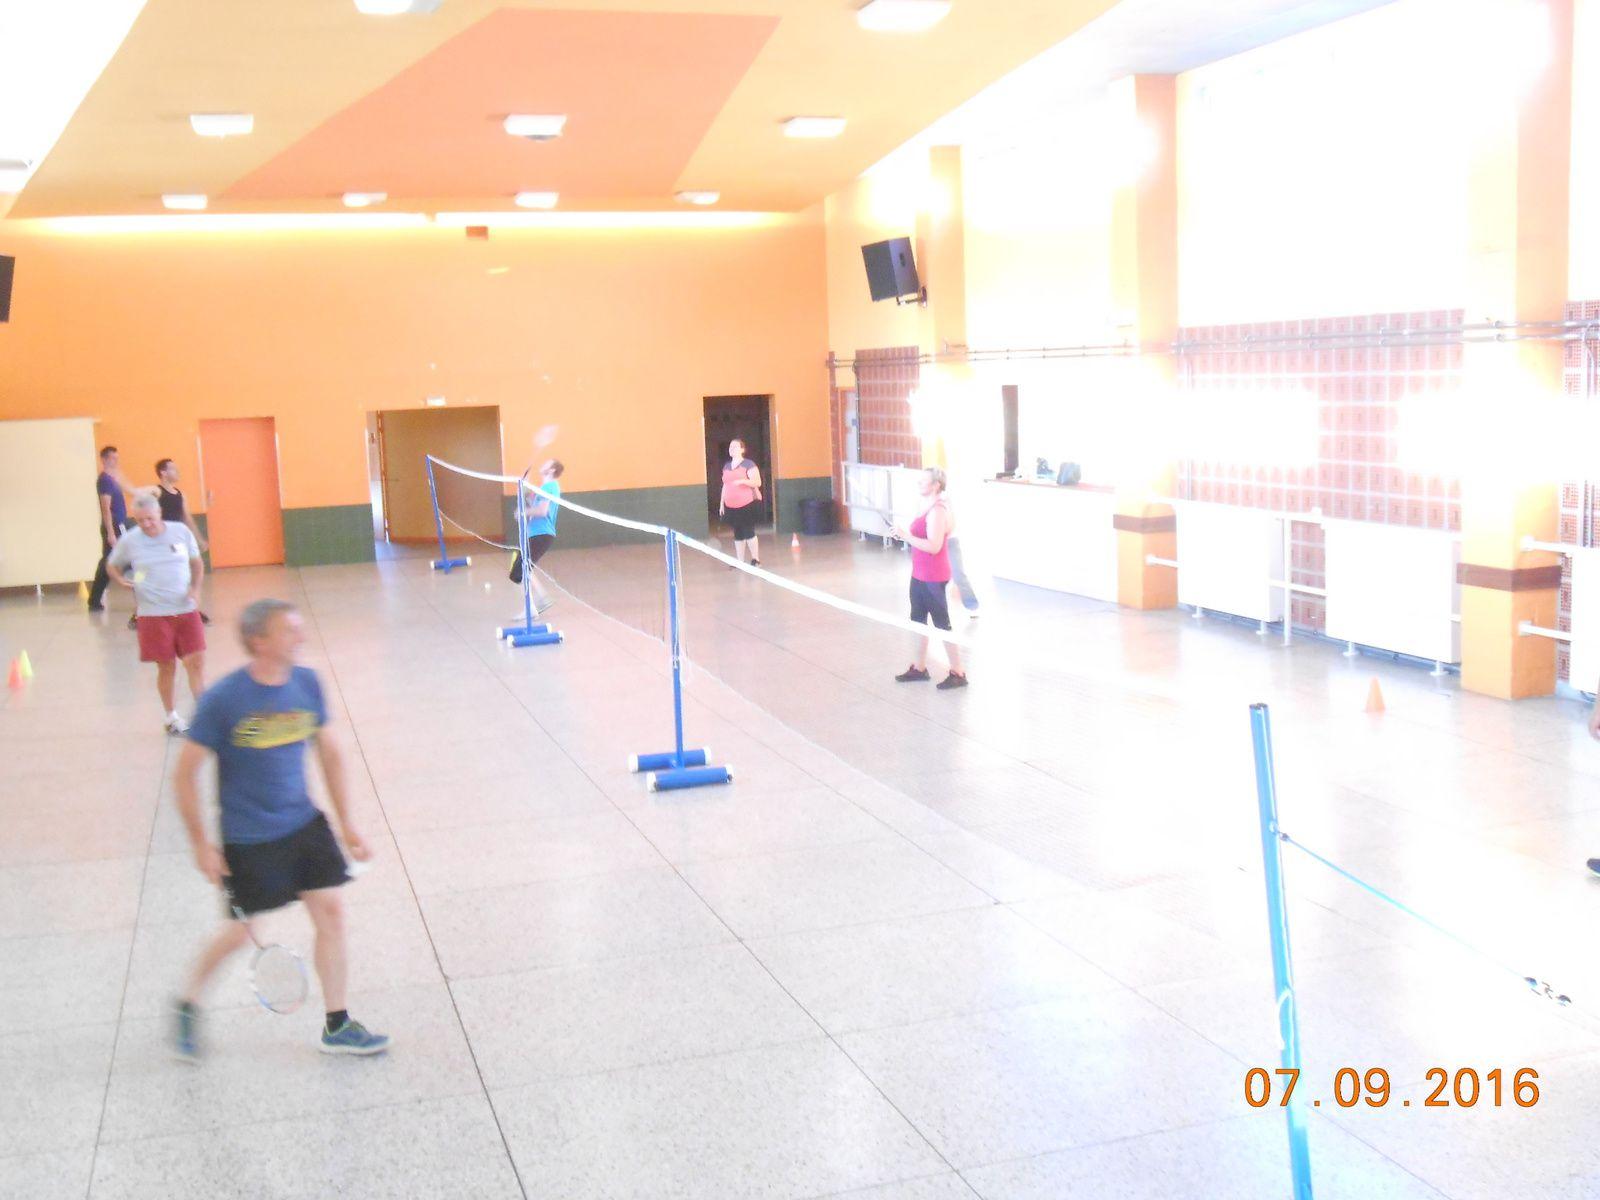 Pendant les vacances, le badminton continue